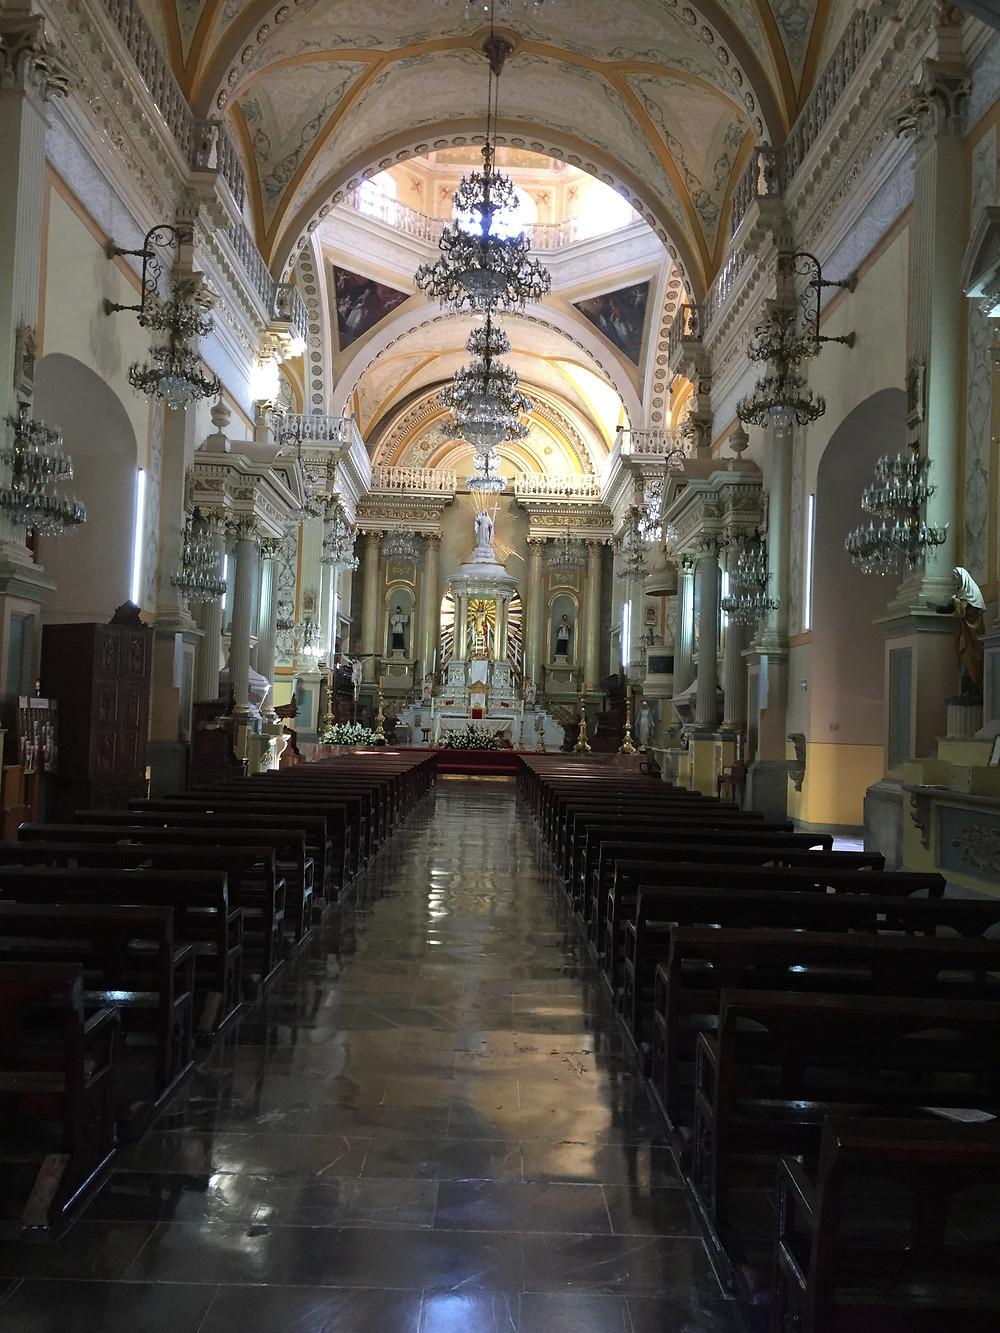 Nave of Basílica Colegiata de Nuestra Señora de Guanajuato